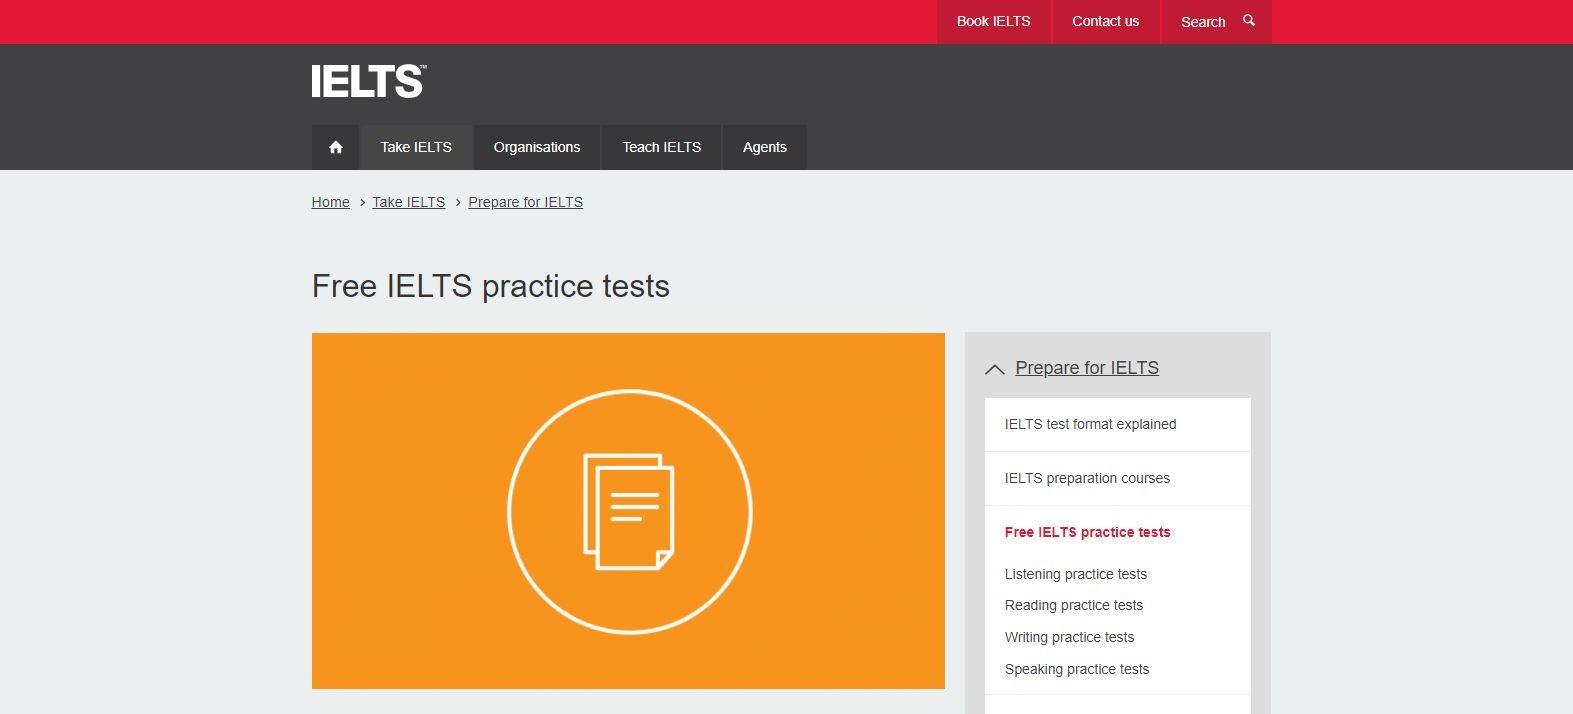 Free IELTS practice tests آزمون ایگان آیلتس